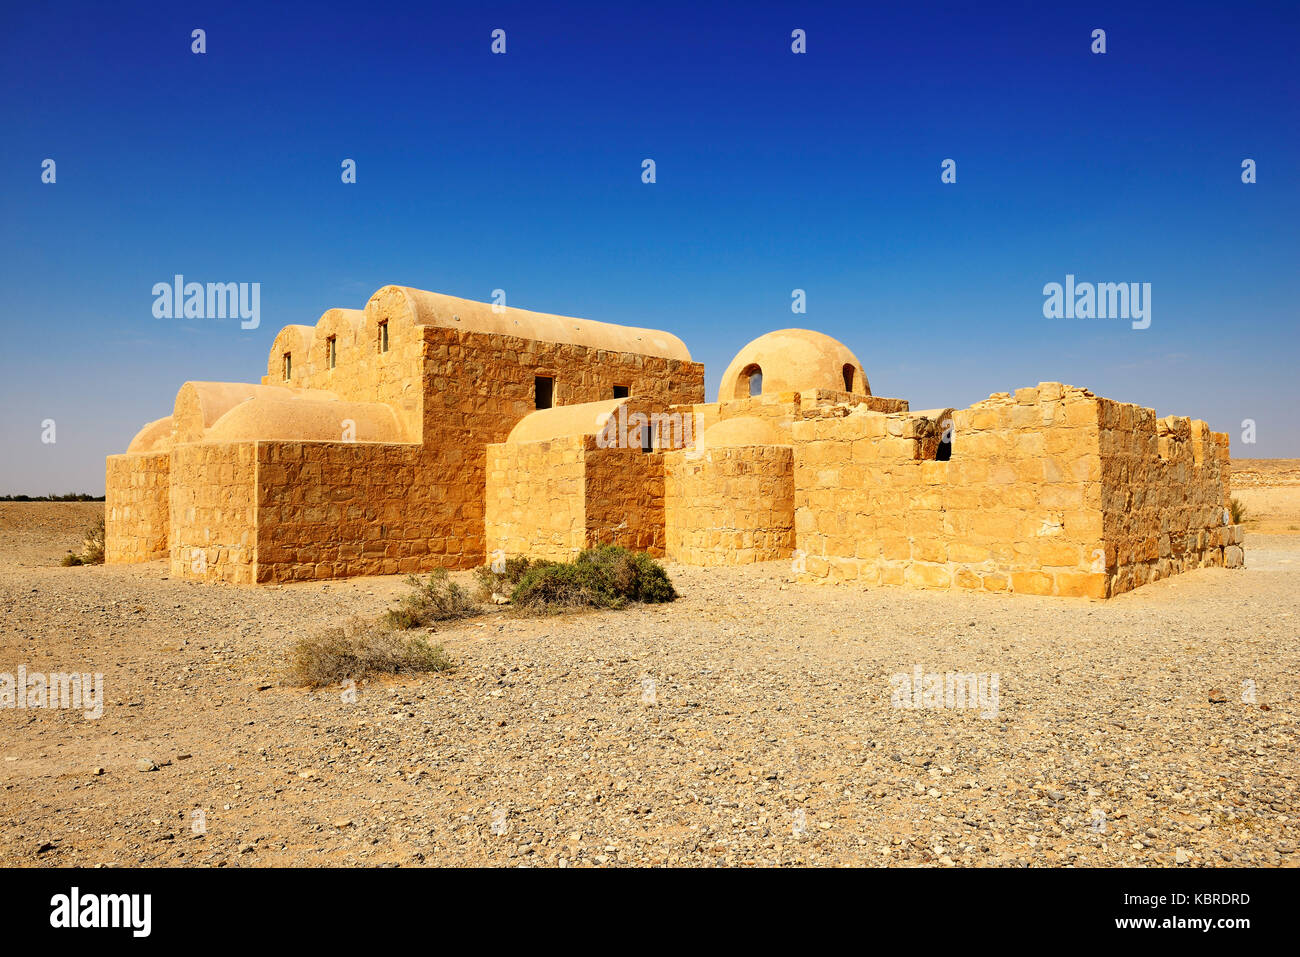 Château du désert omeyyade, Qasr Amra, Jordanie Photo Stock